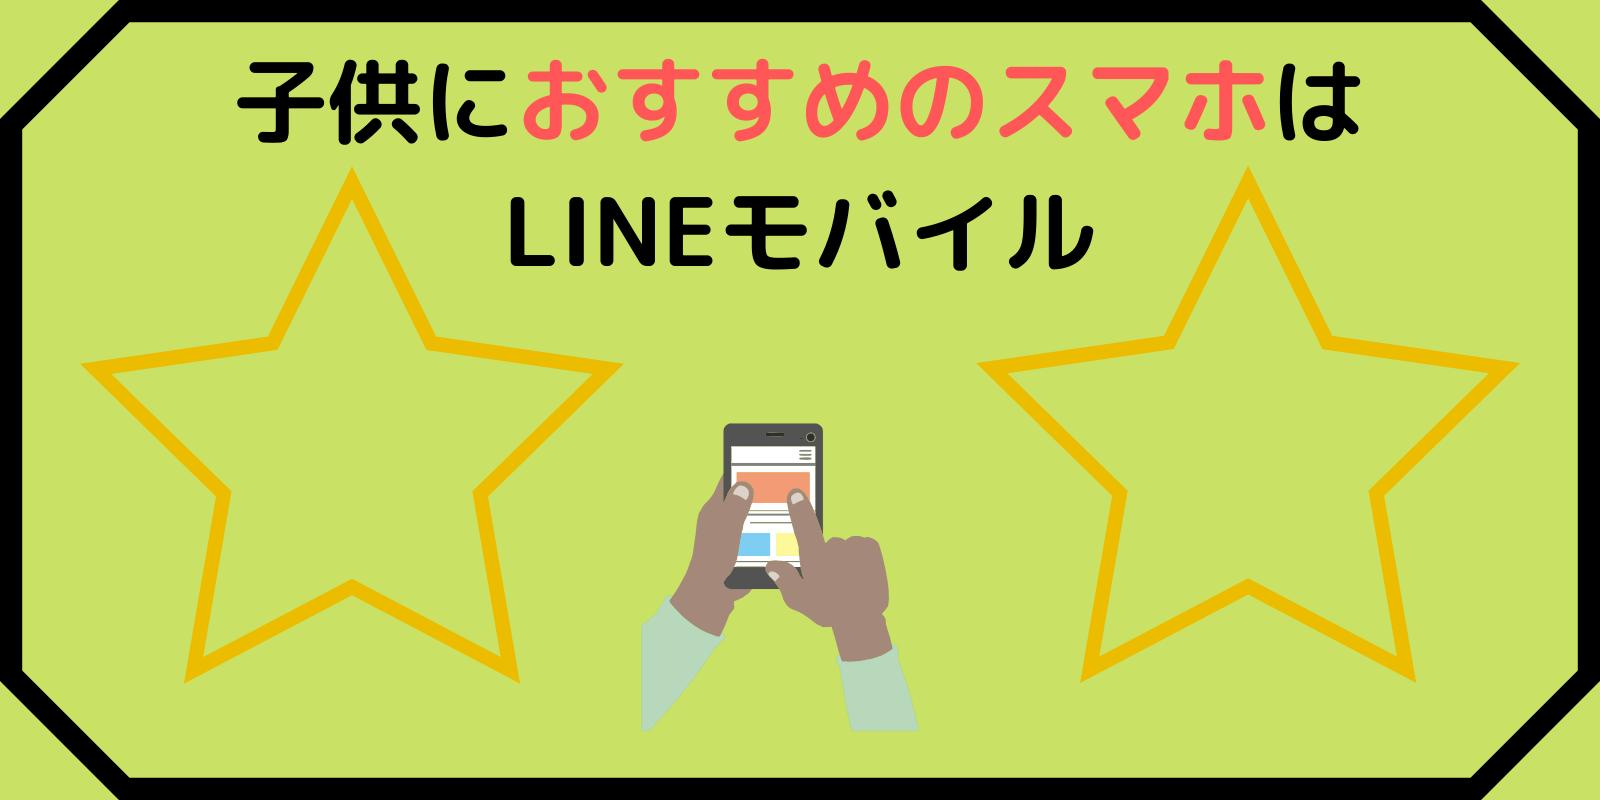 LINEモバイルは小中学生の子どもにおすすめのスマホ